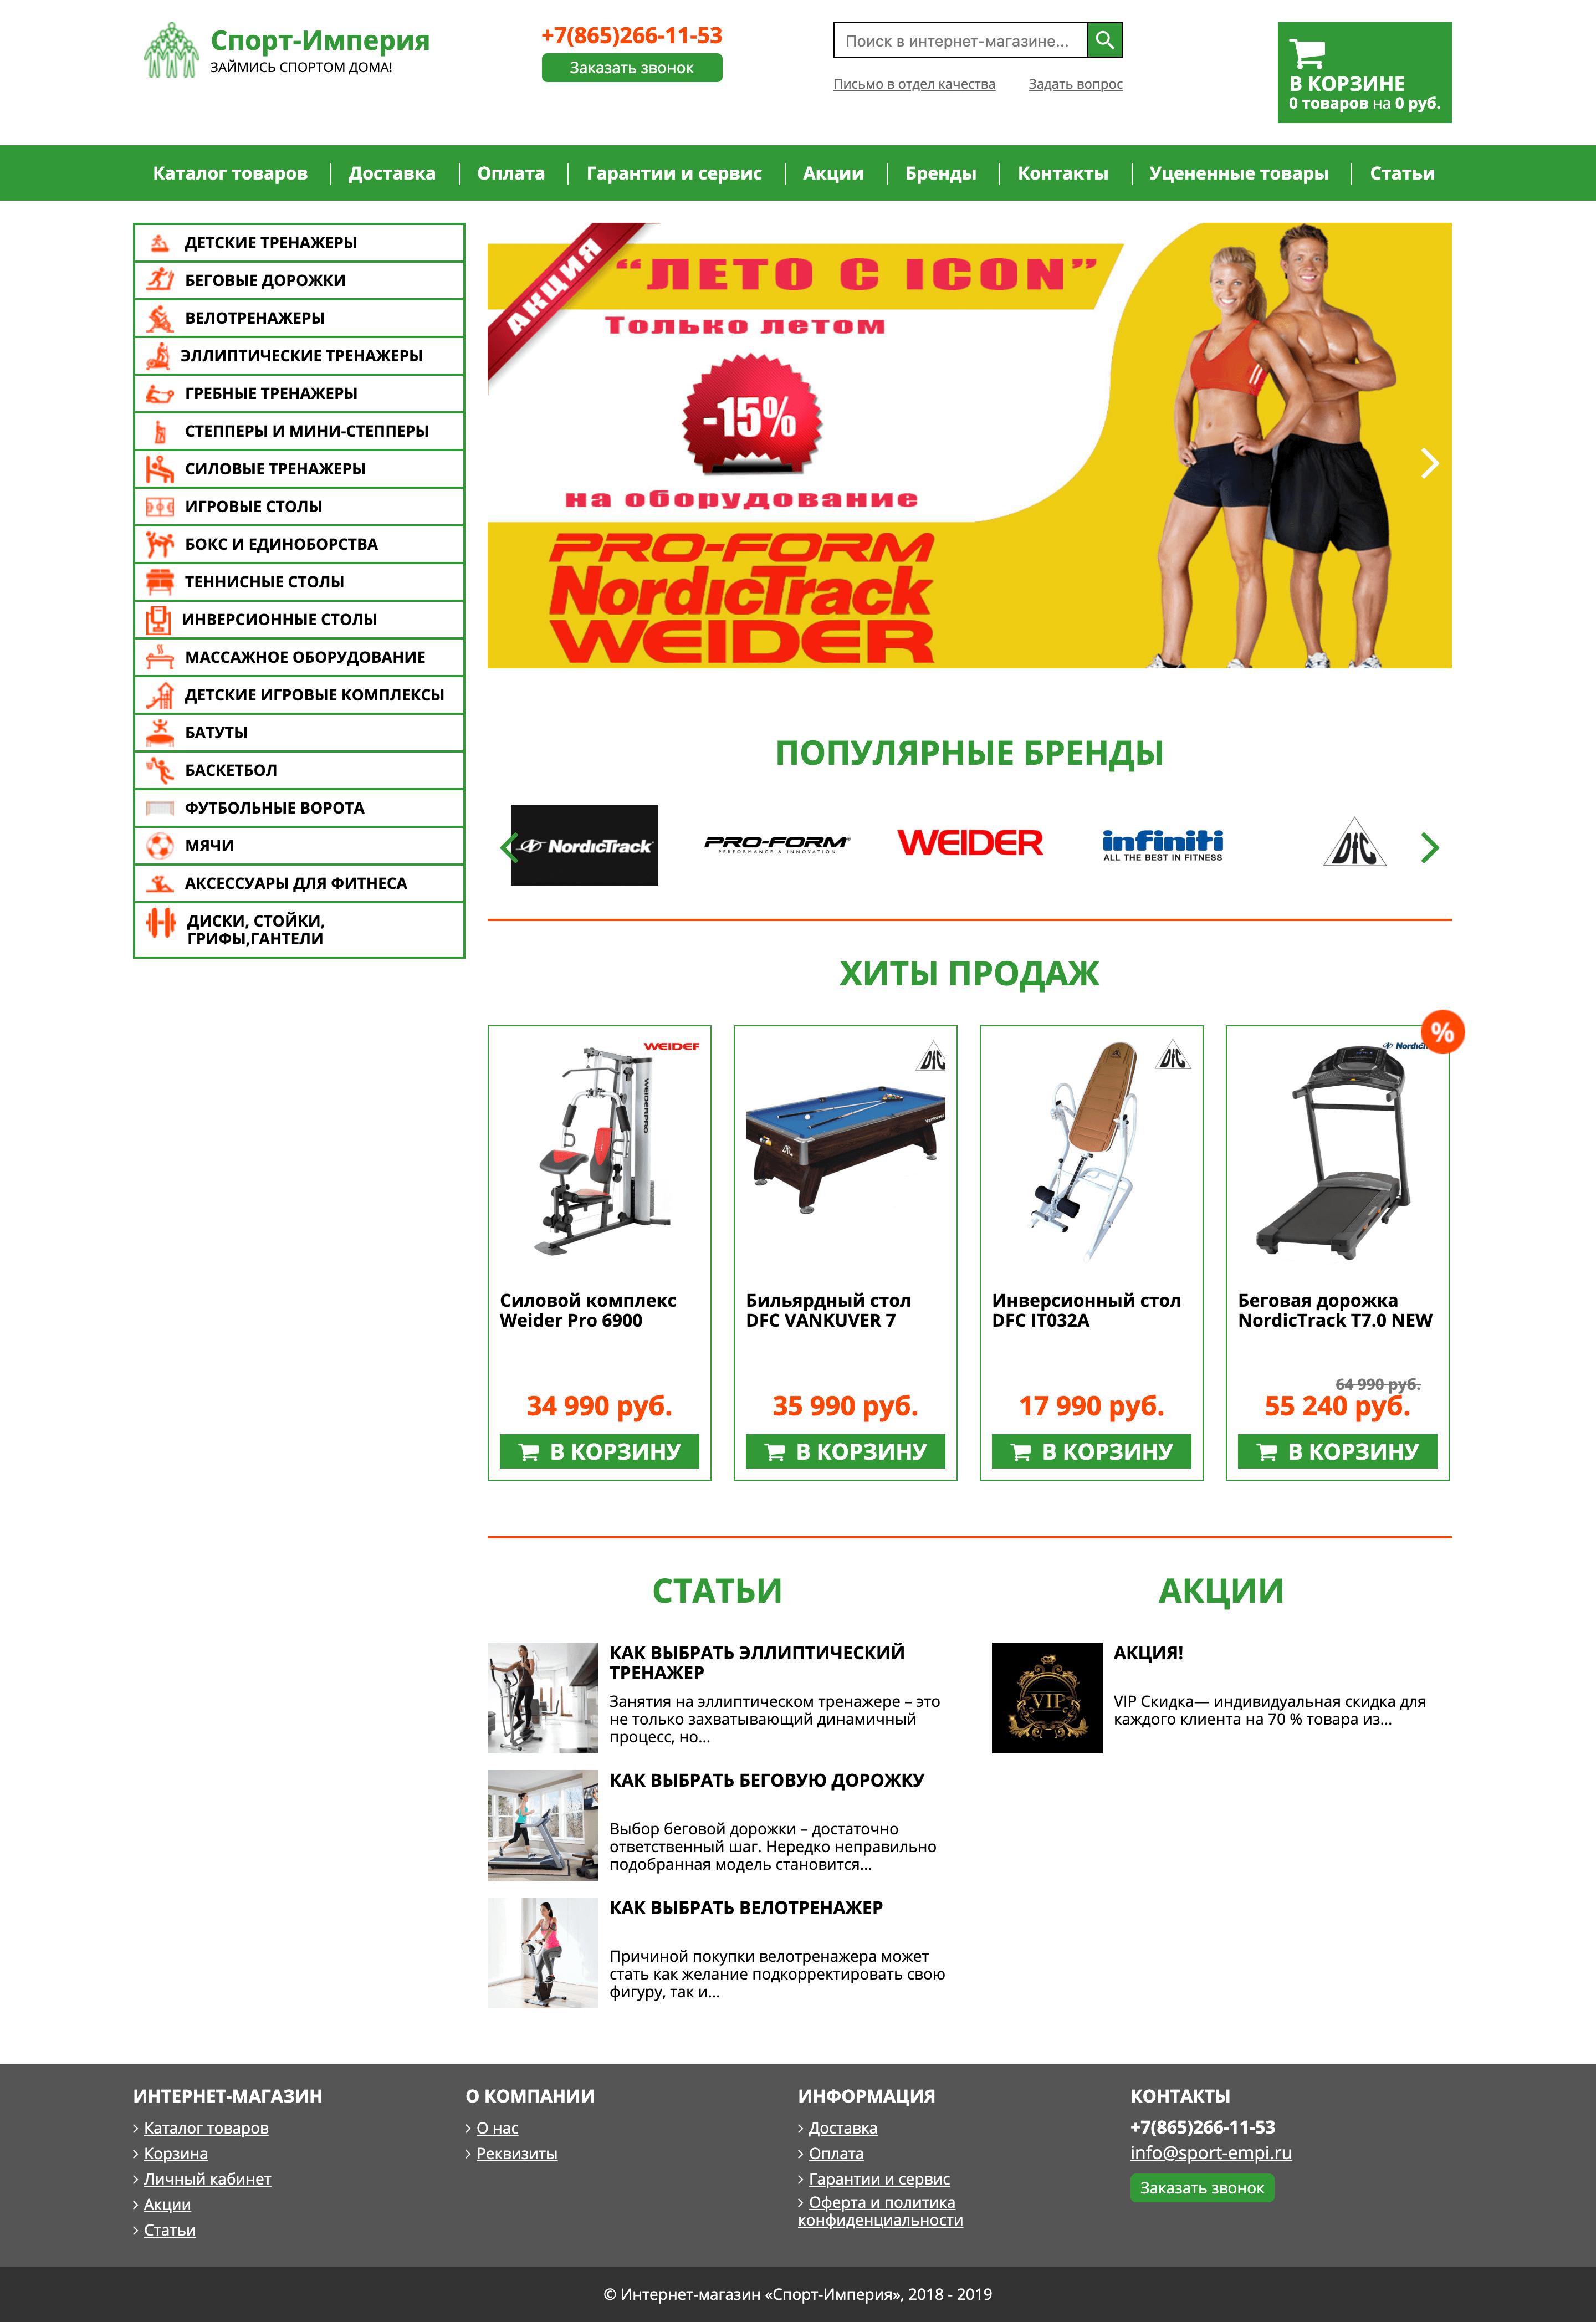 """Интернет-магазин спортивных товаров """"Спорт-Империя"""""""